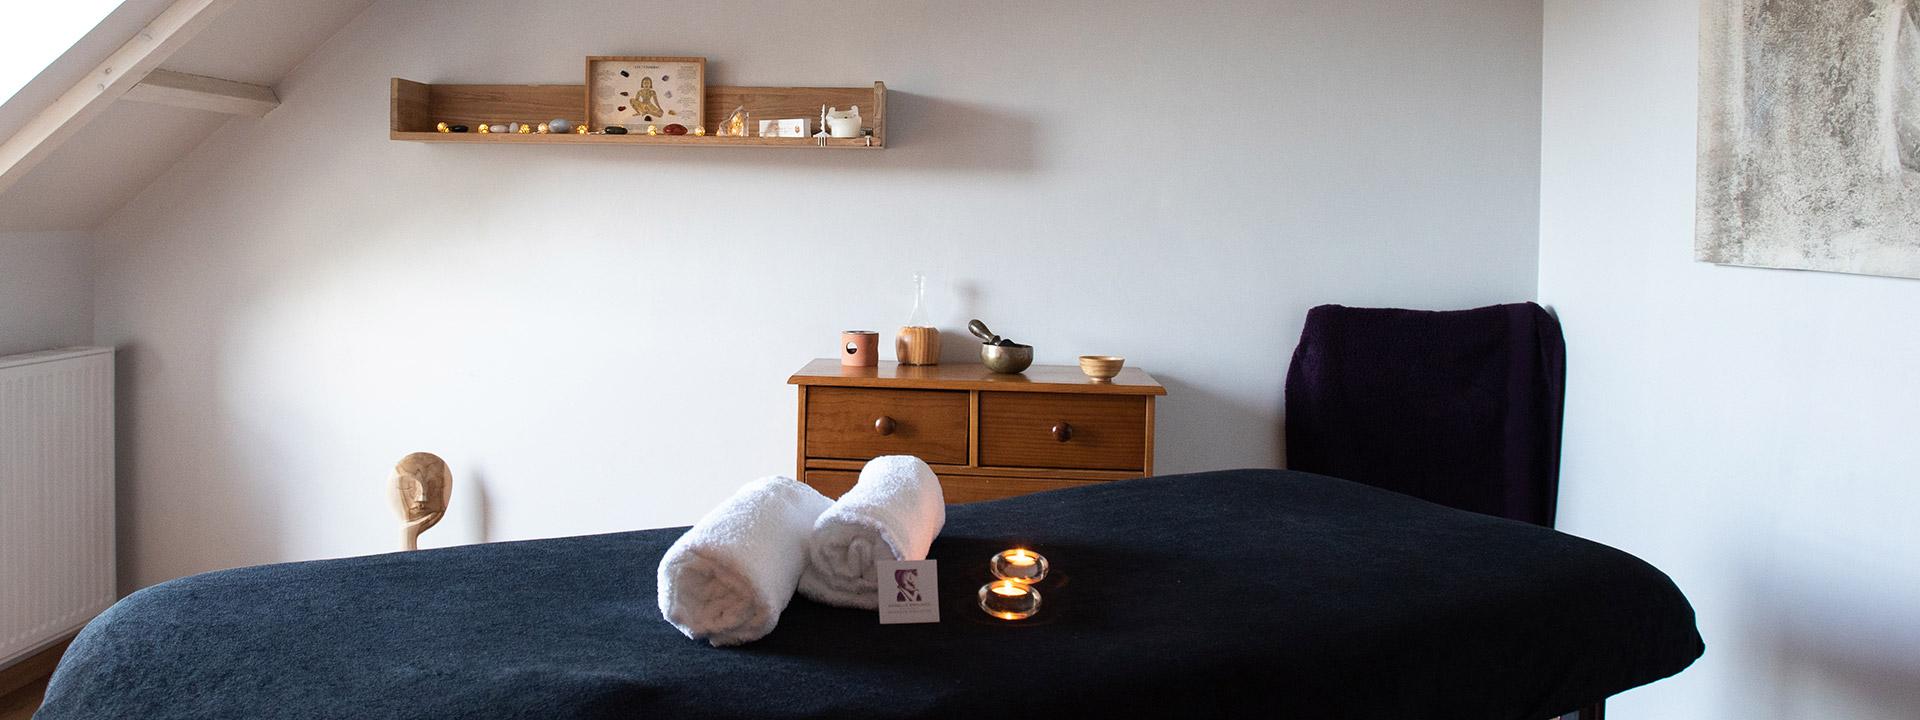 Conseils pour optimiser votre séance de massage bien-être